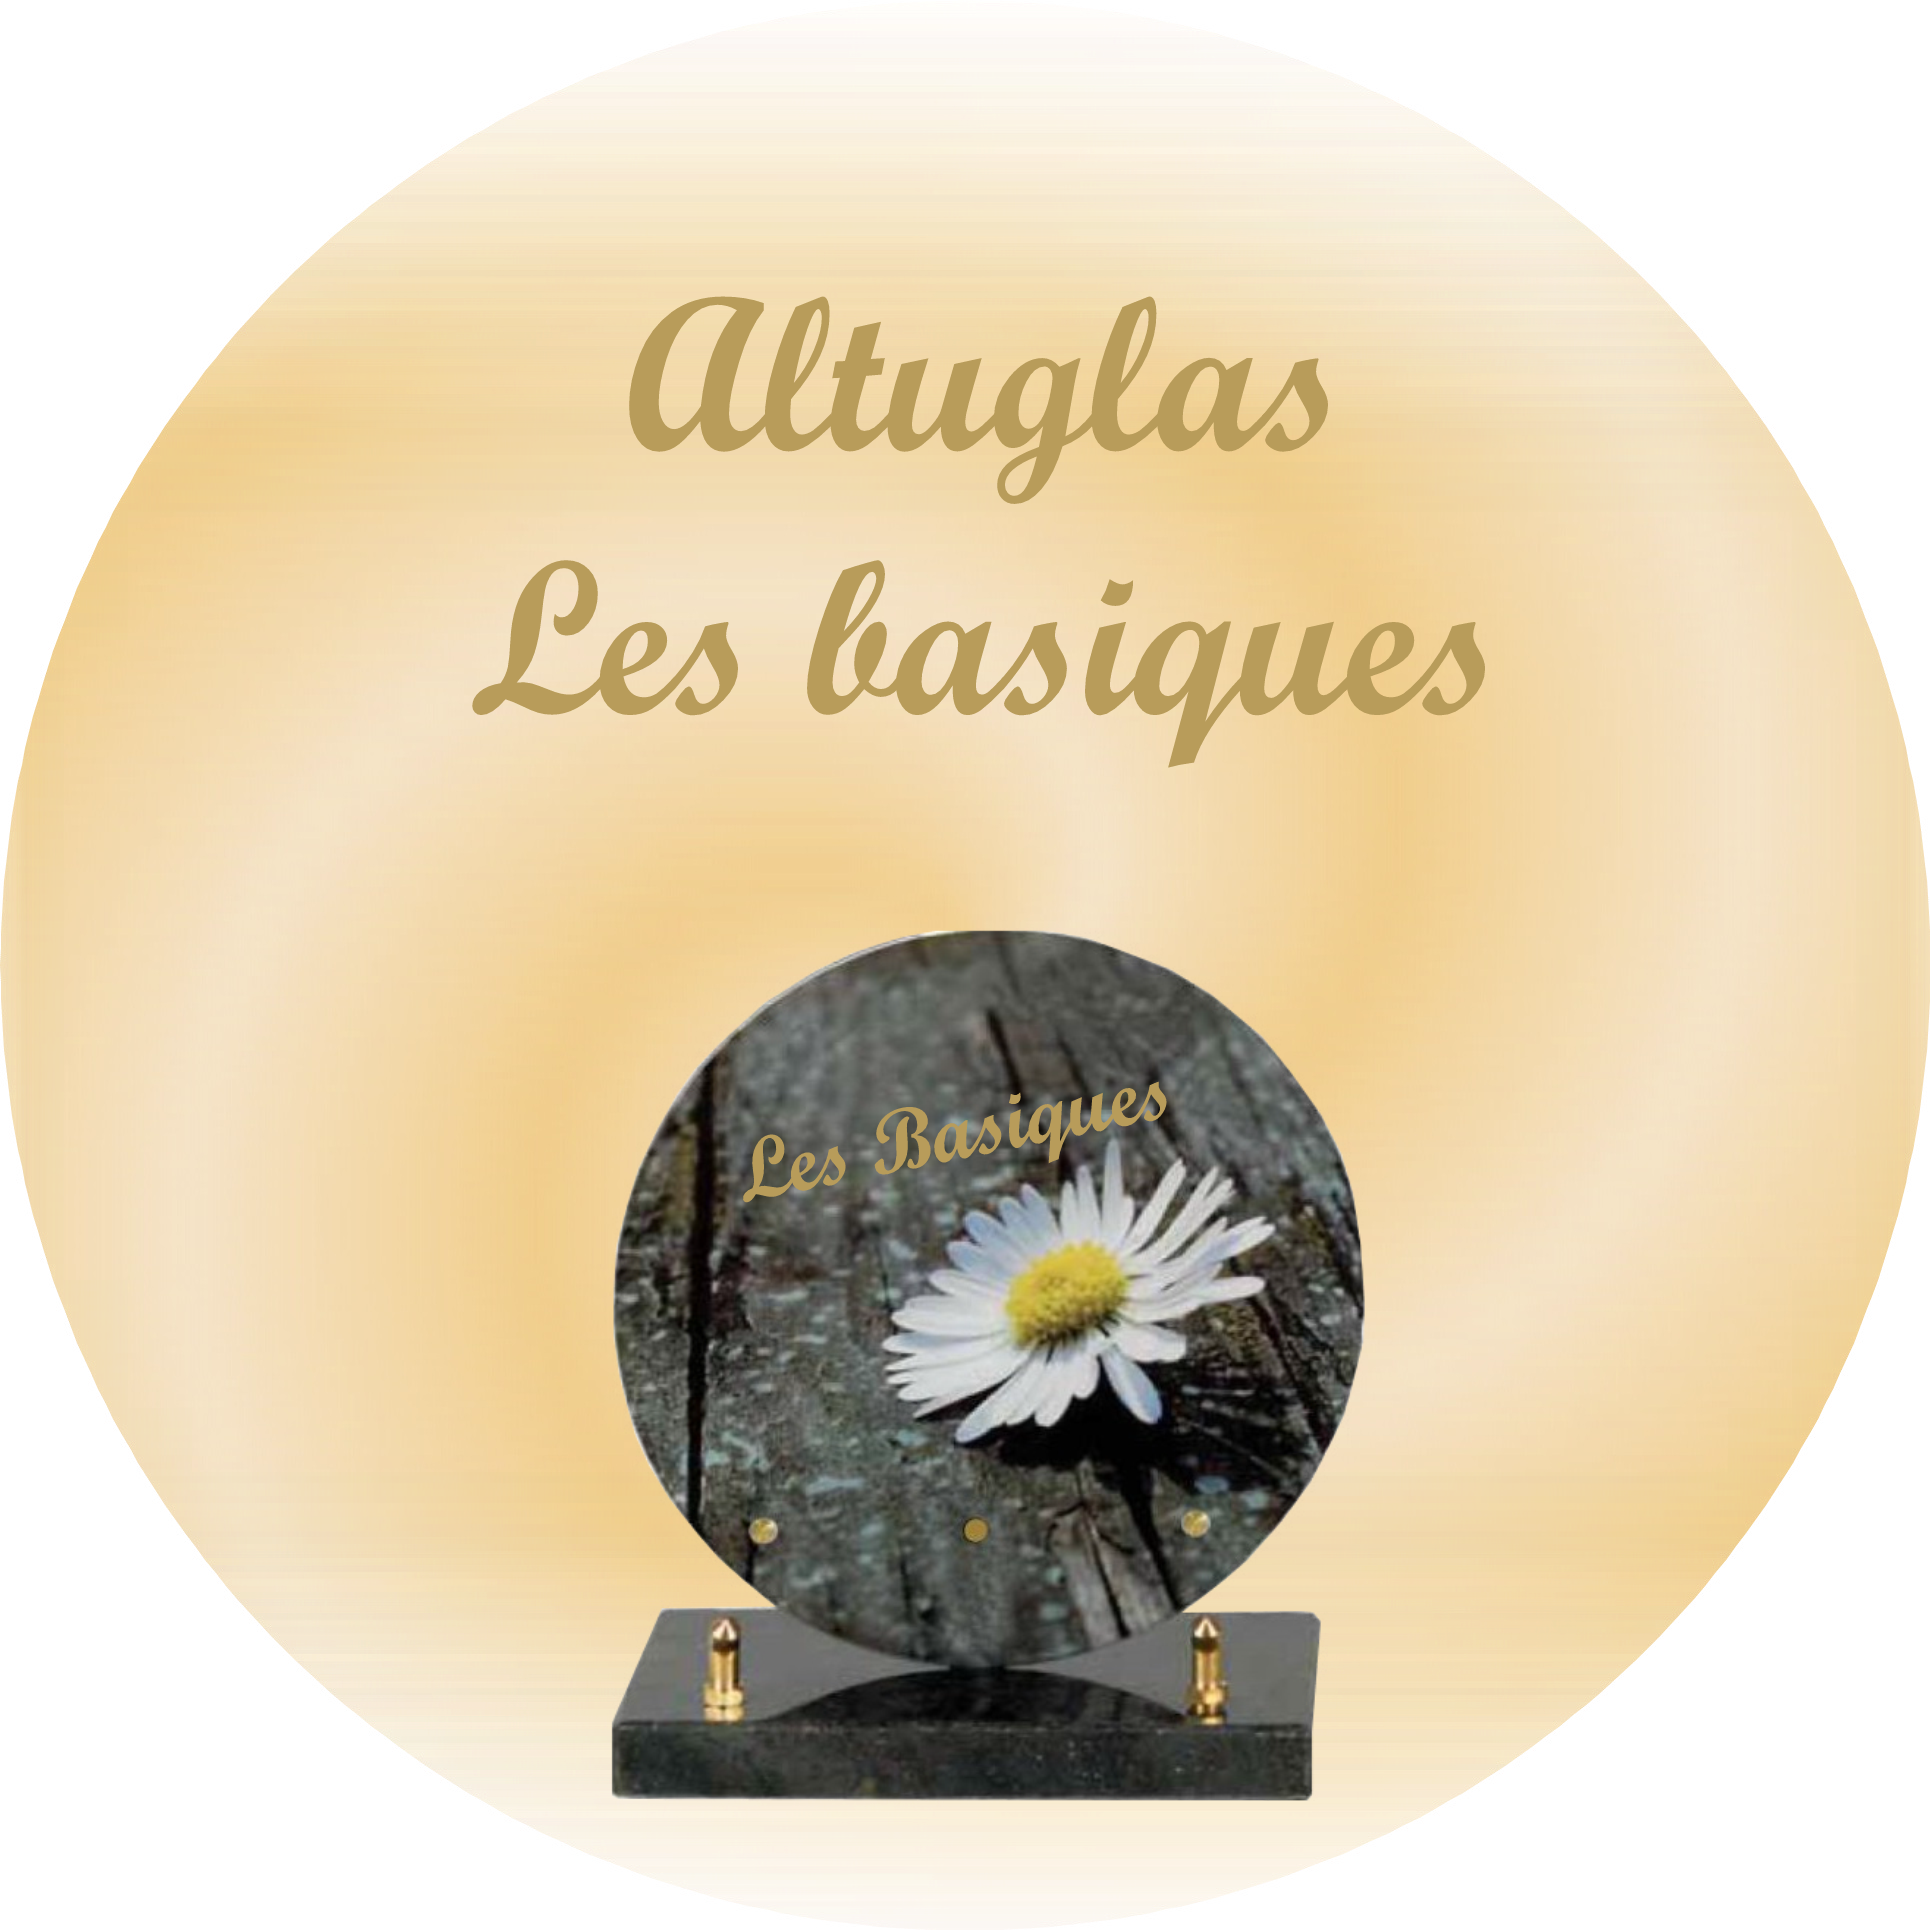 plaques funeraires altuglas basique SAINT-ELLIER-LES-BOIS